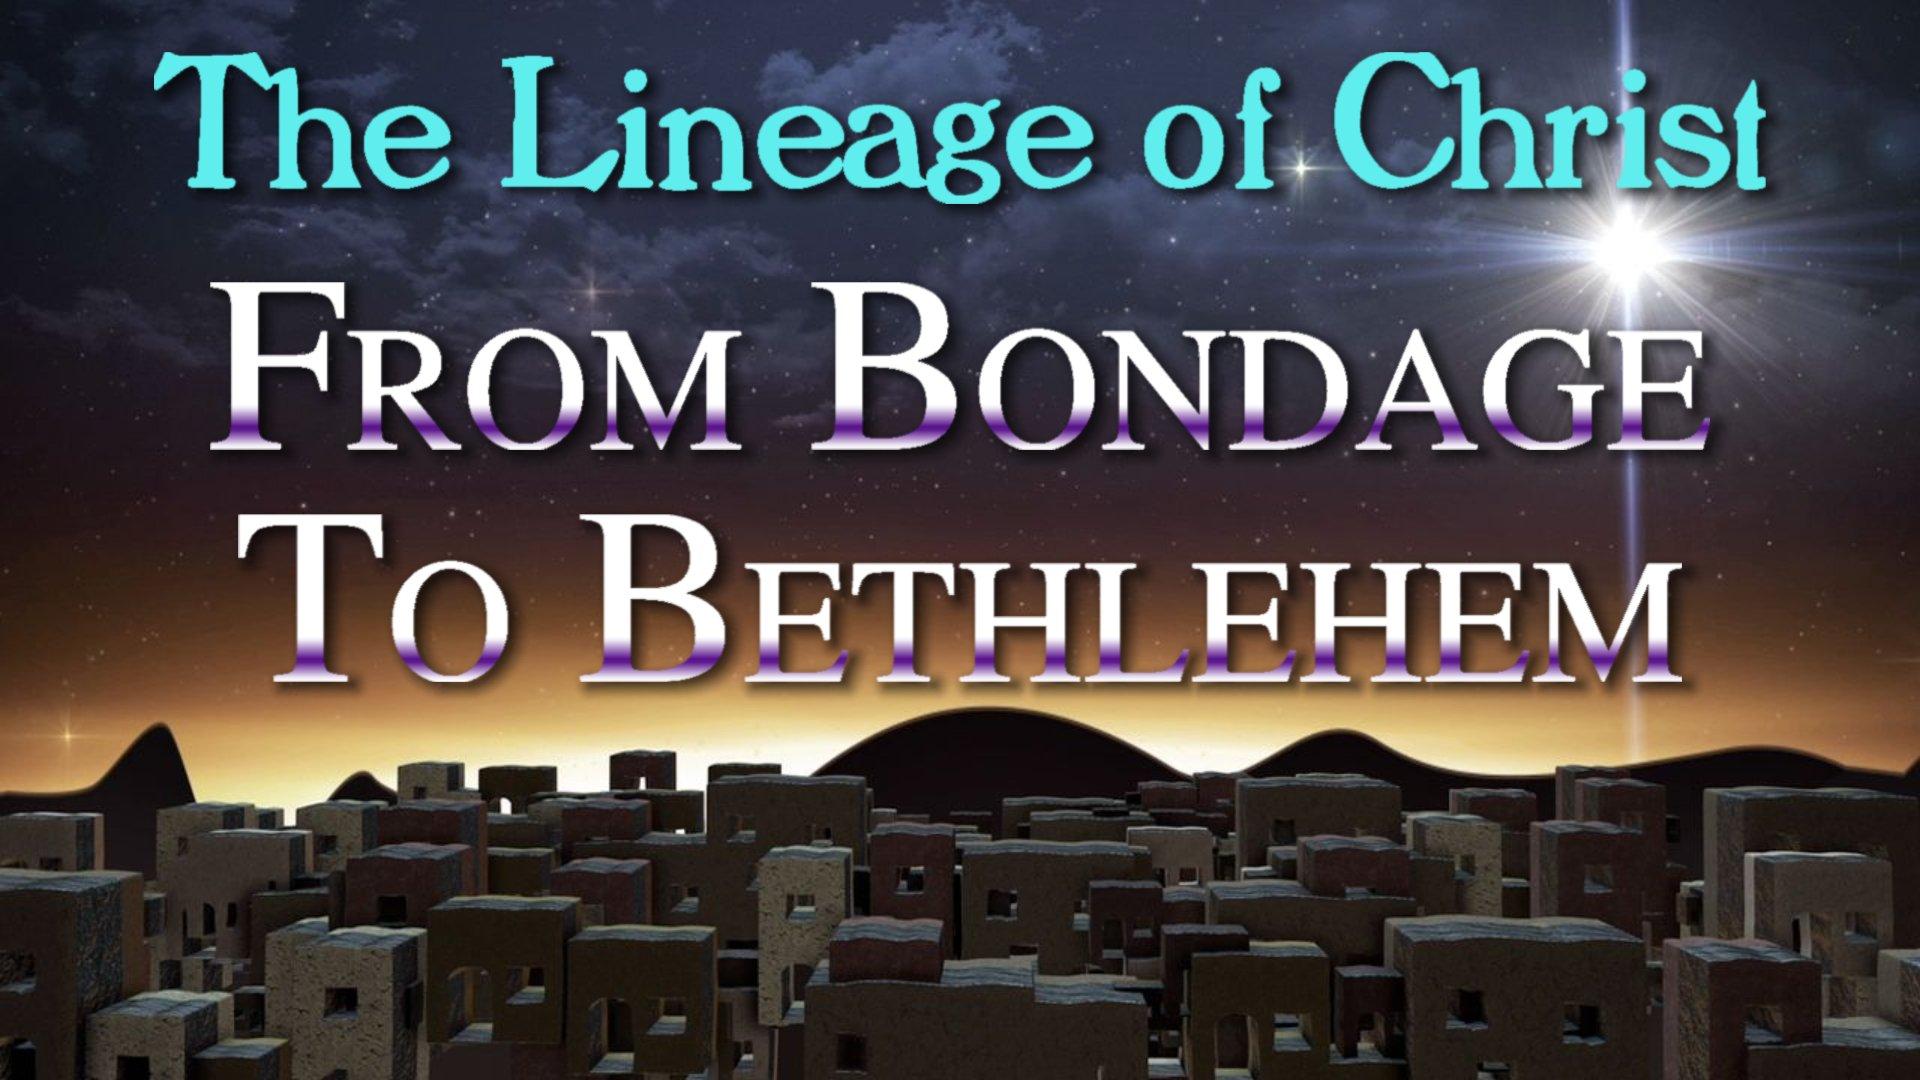 13 From Bondage to Bethlehem